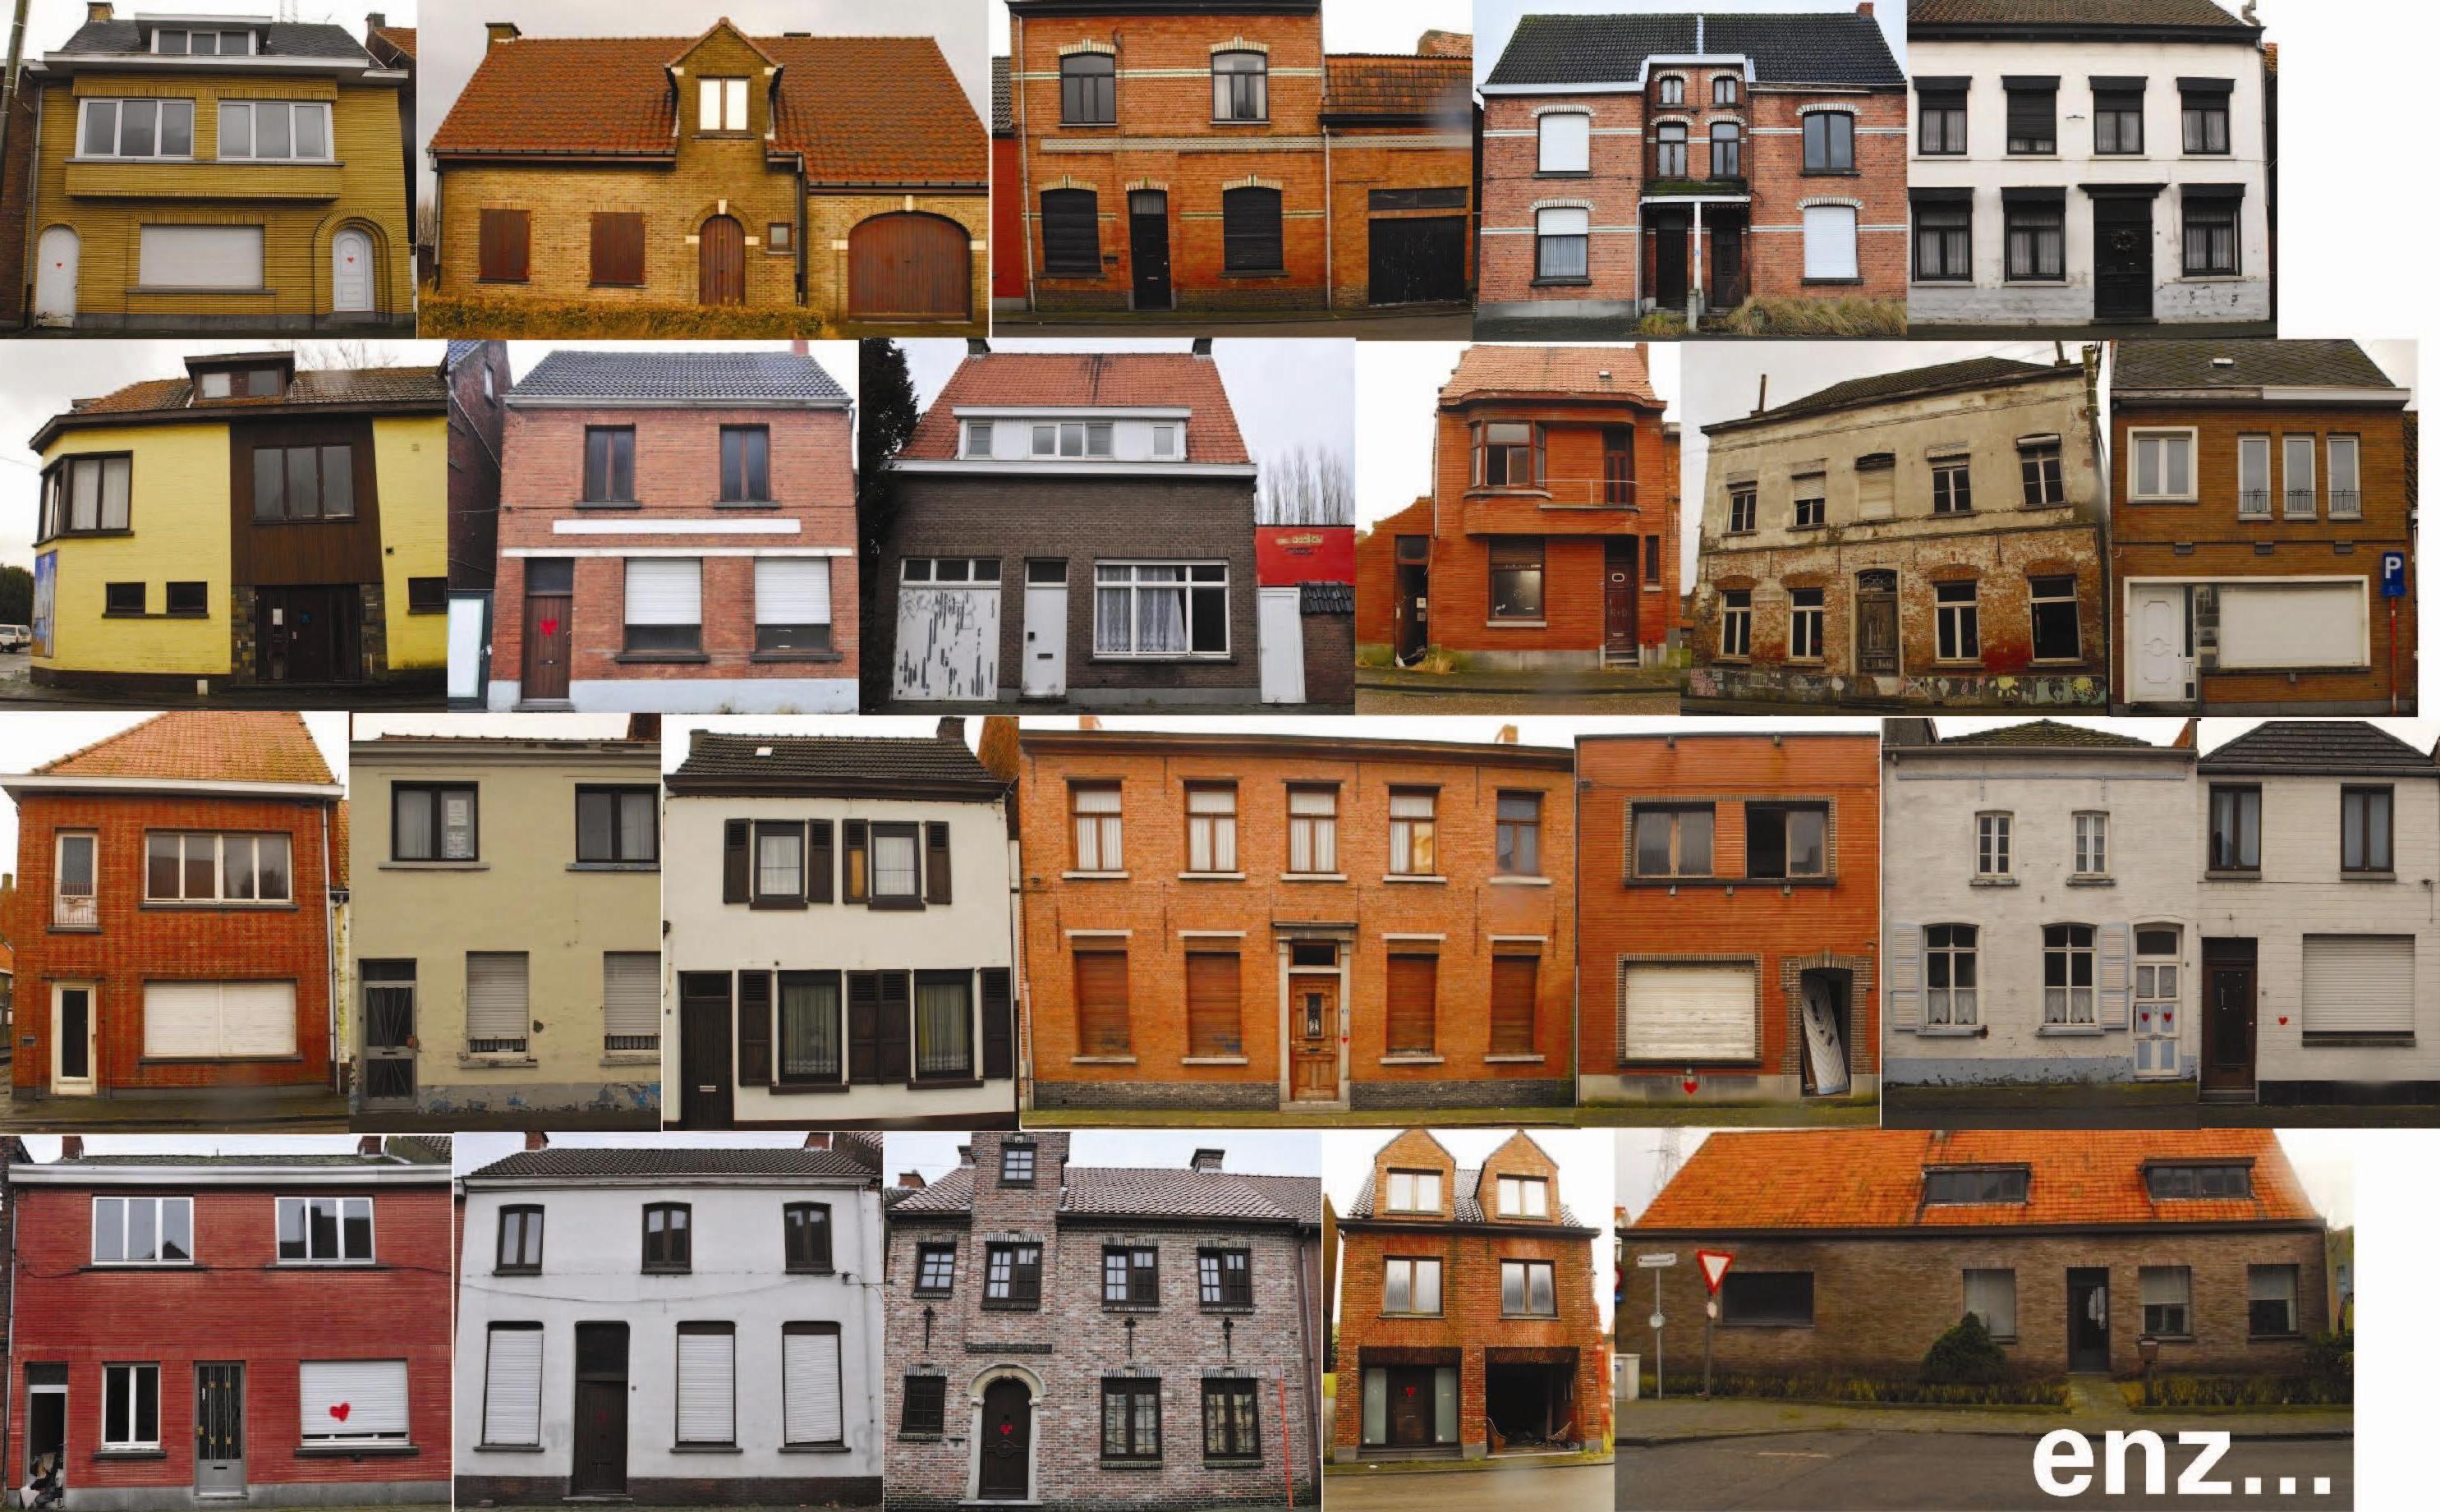 Doel 2020 verwijzingen naar interessante sites - De mooiste gevels van huizen ...